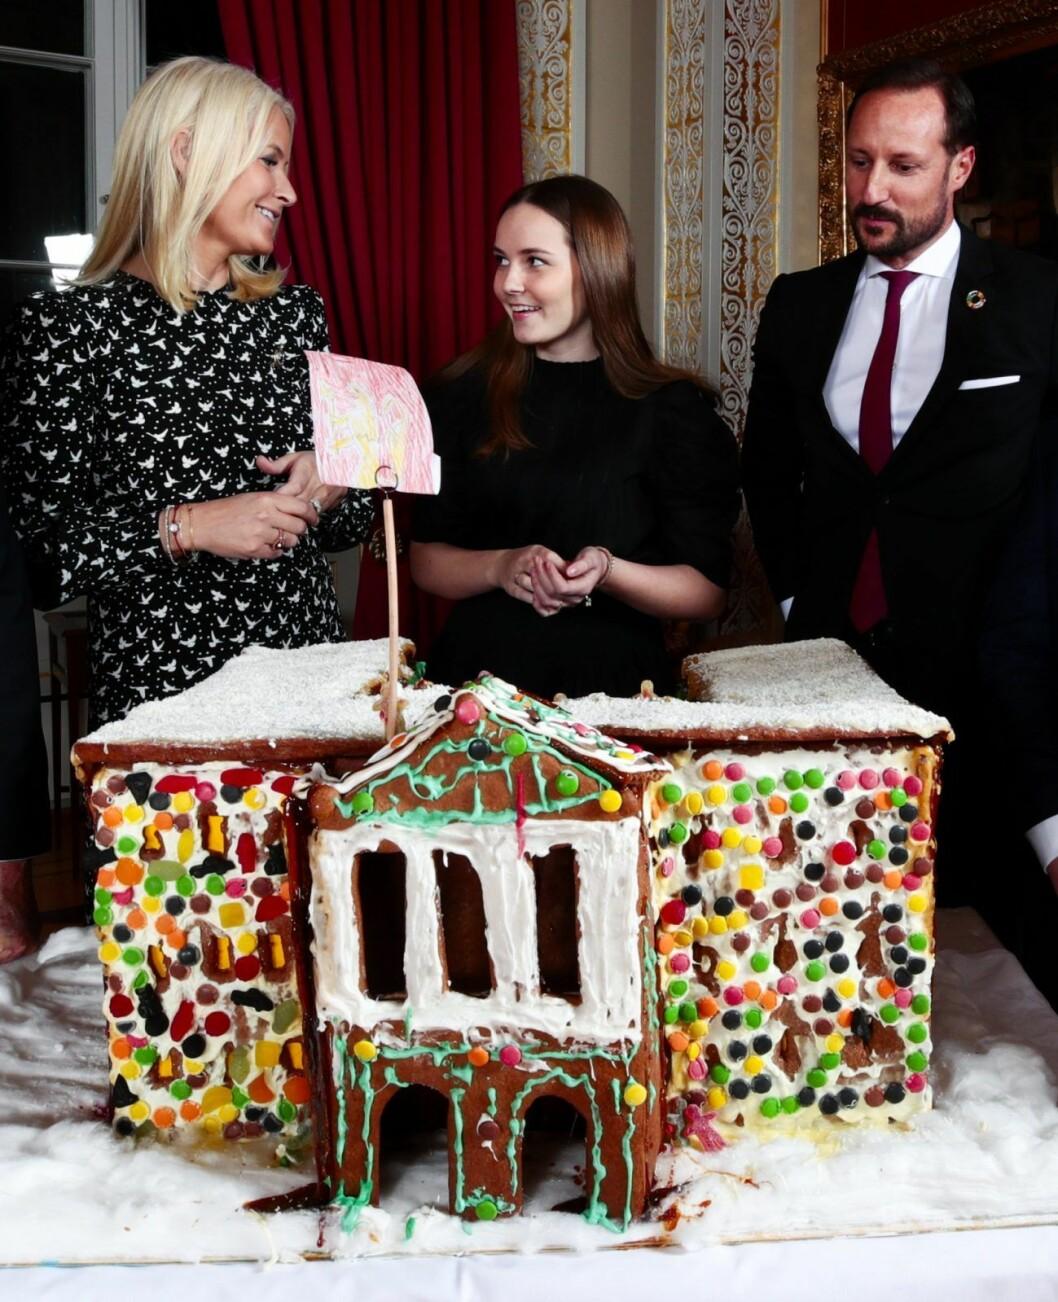 Prinsessan Ingrid Alexandra med mamma och pappa, kronprinsessan Mette-Marit och kronprins Haakon.